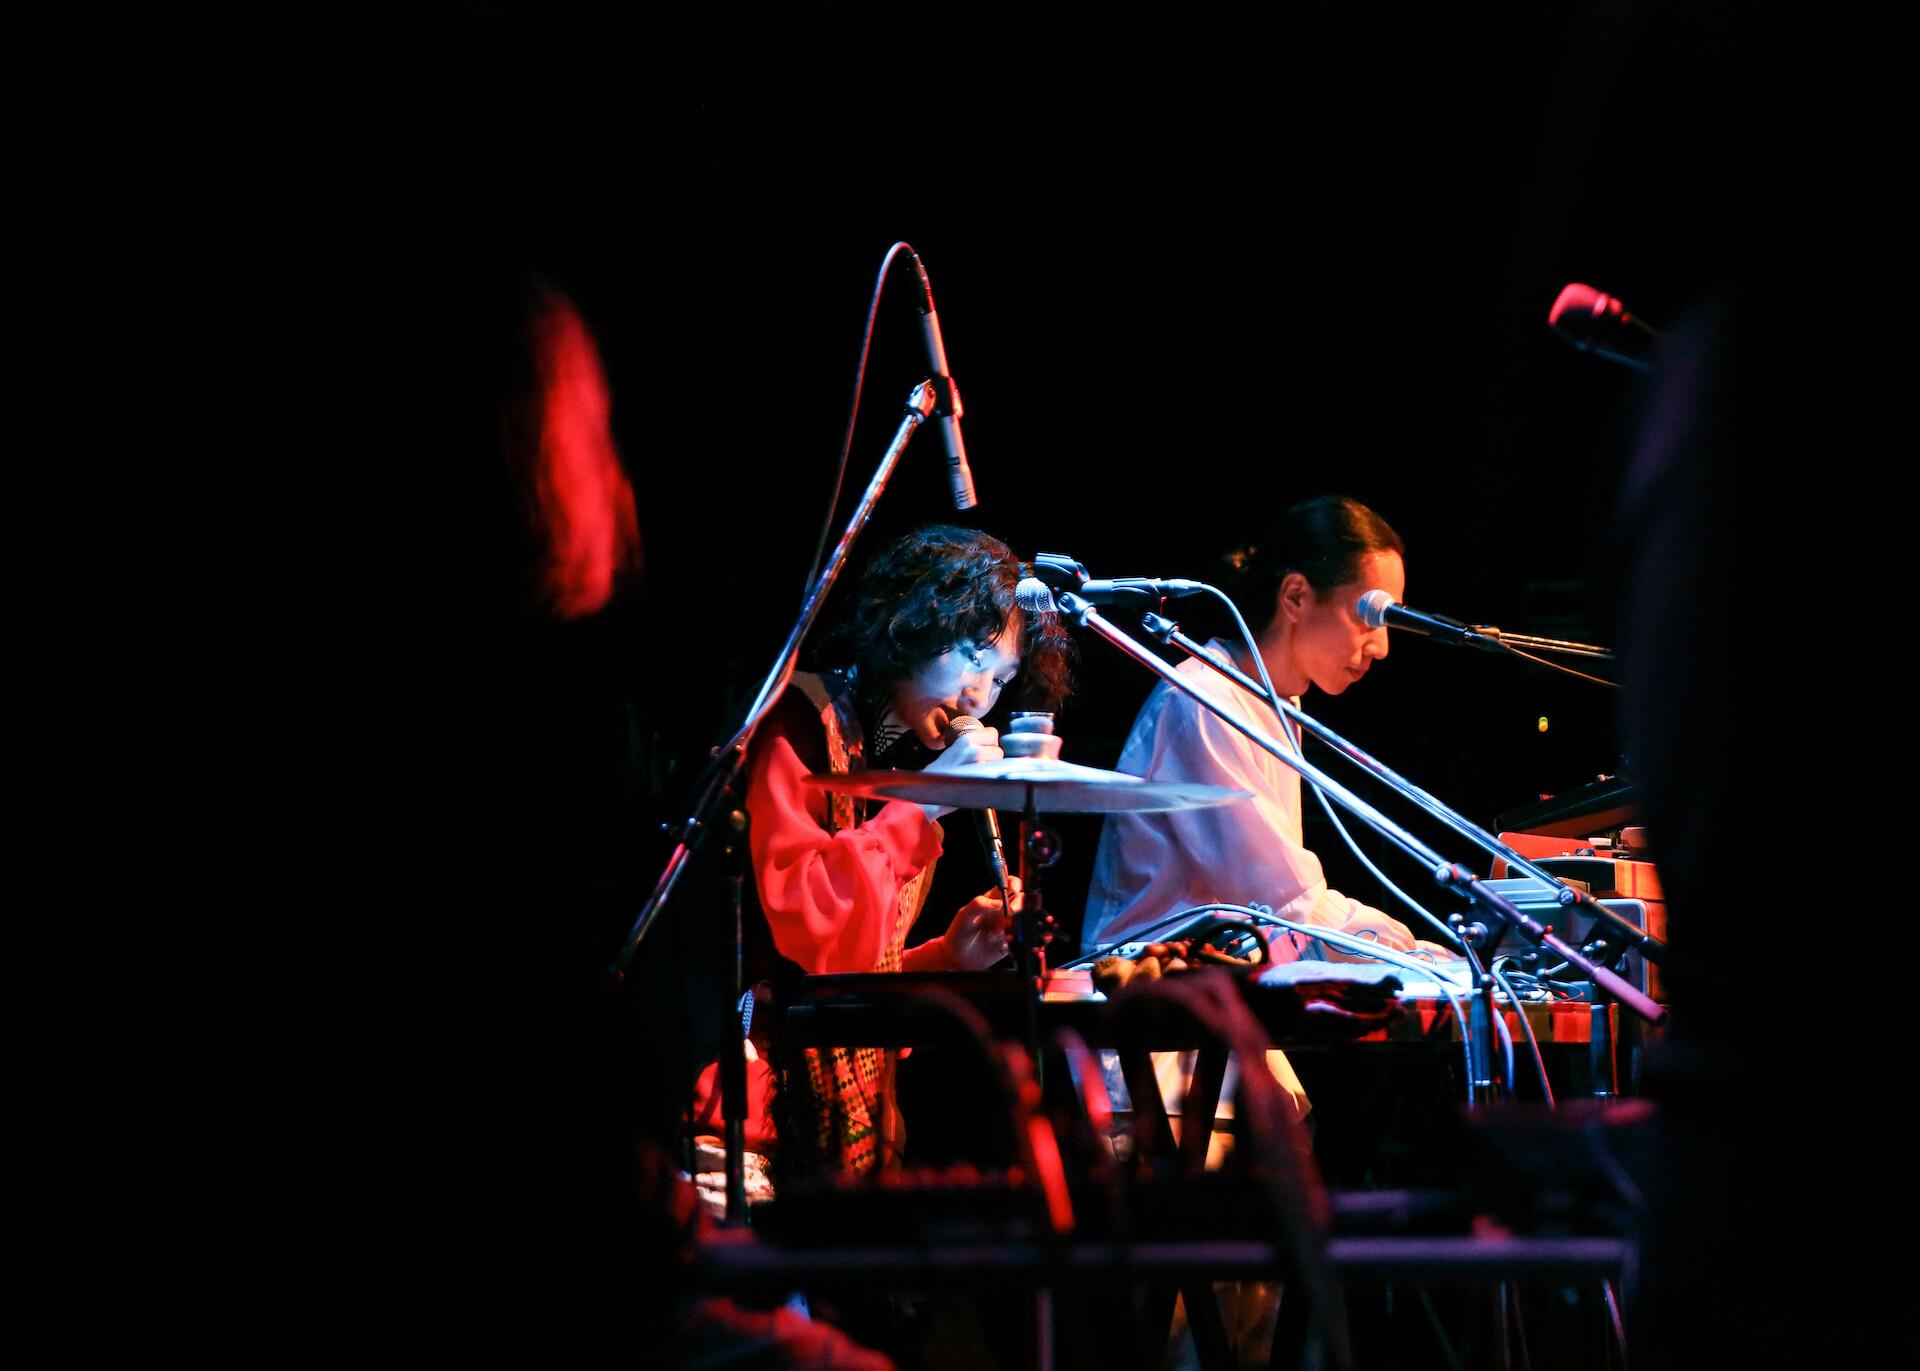 イベントレポート|国境を越えたリズムと即興の祭典<Beat Compañero/波動の交わり> 0E4A0328